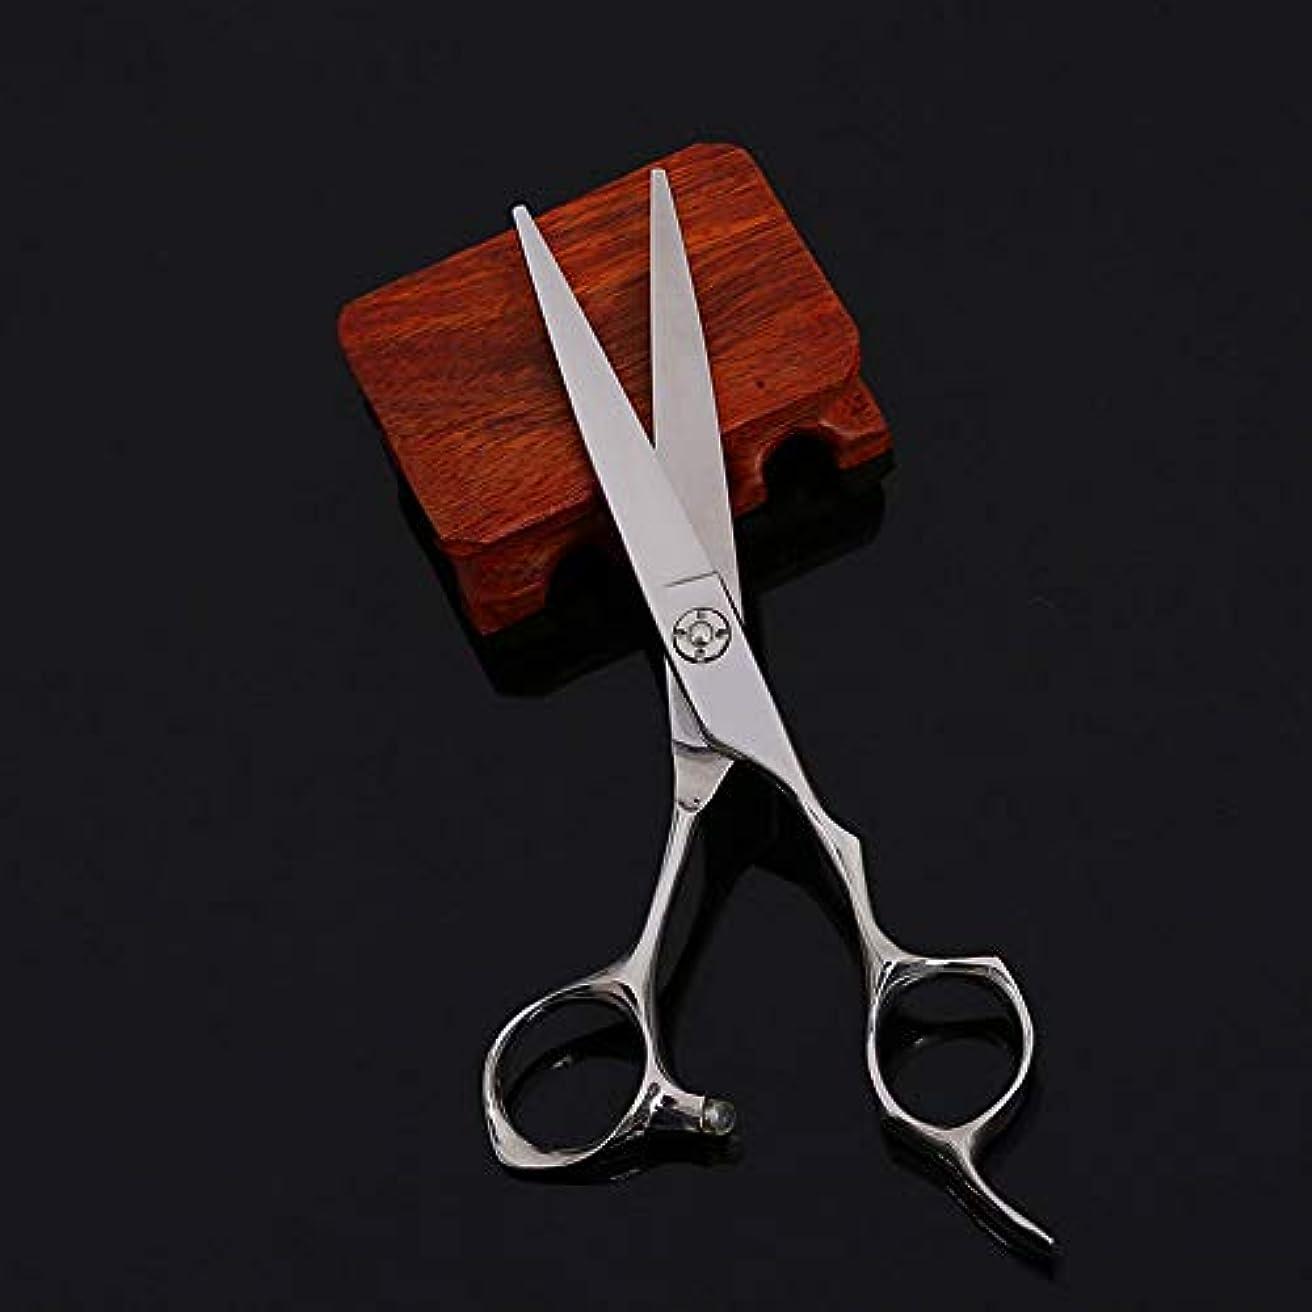 偽善追加する平らなWASAIO バーバープロフェッショナルヘアカットプレーンのはさみヘアカットはさみ間伐歯を設定理髪テクスチャーサロンレイザーエッジシザーとホーム工具6インチ (色 : Silver)